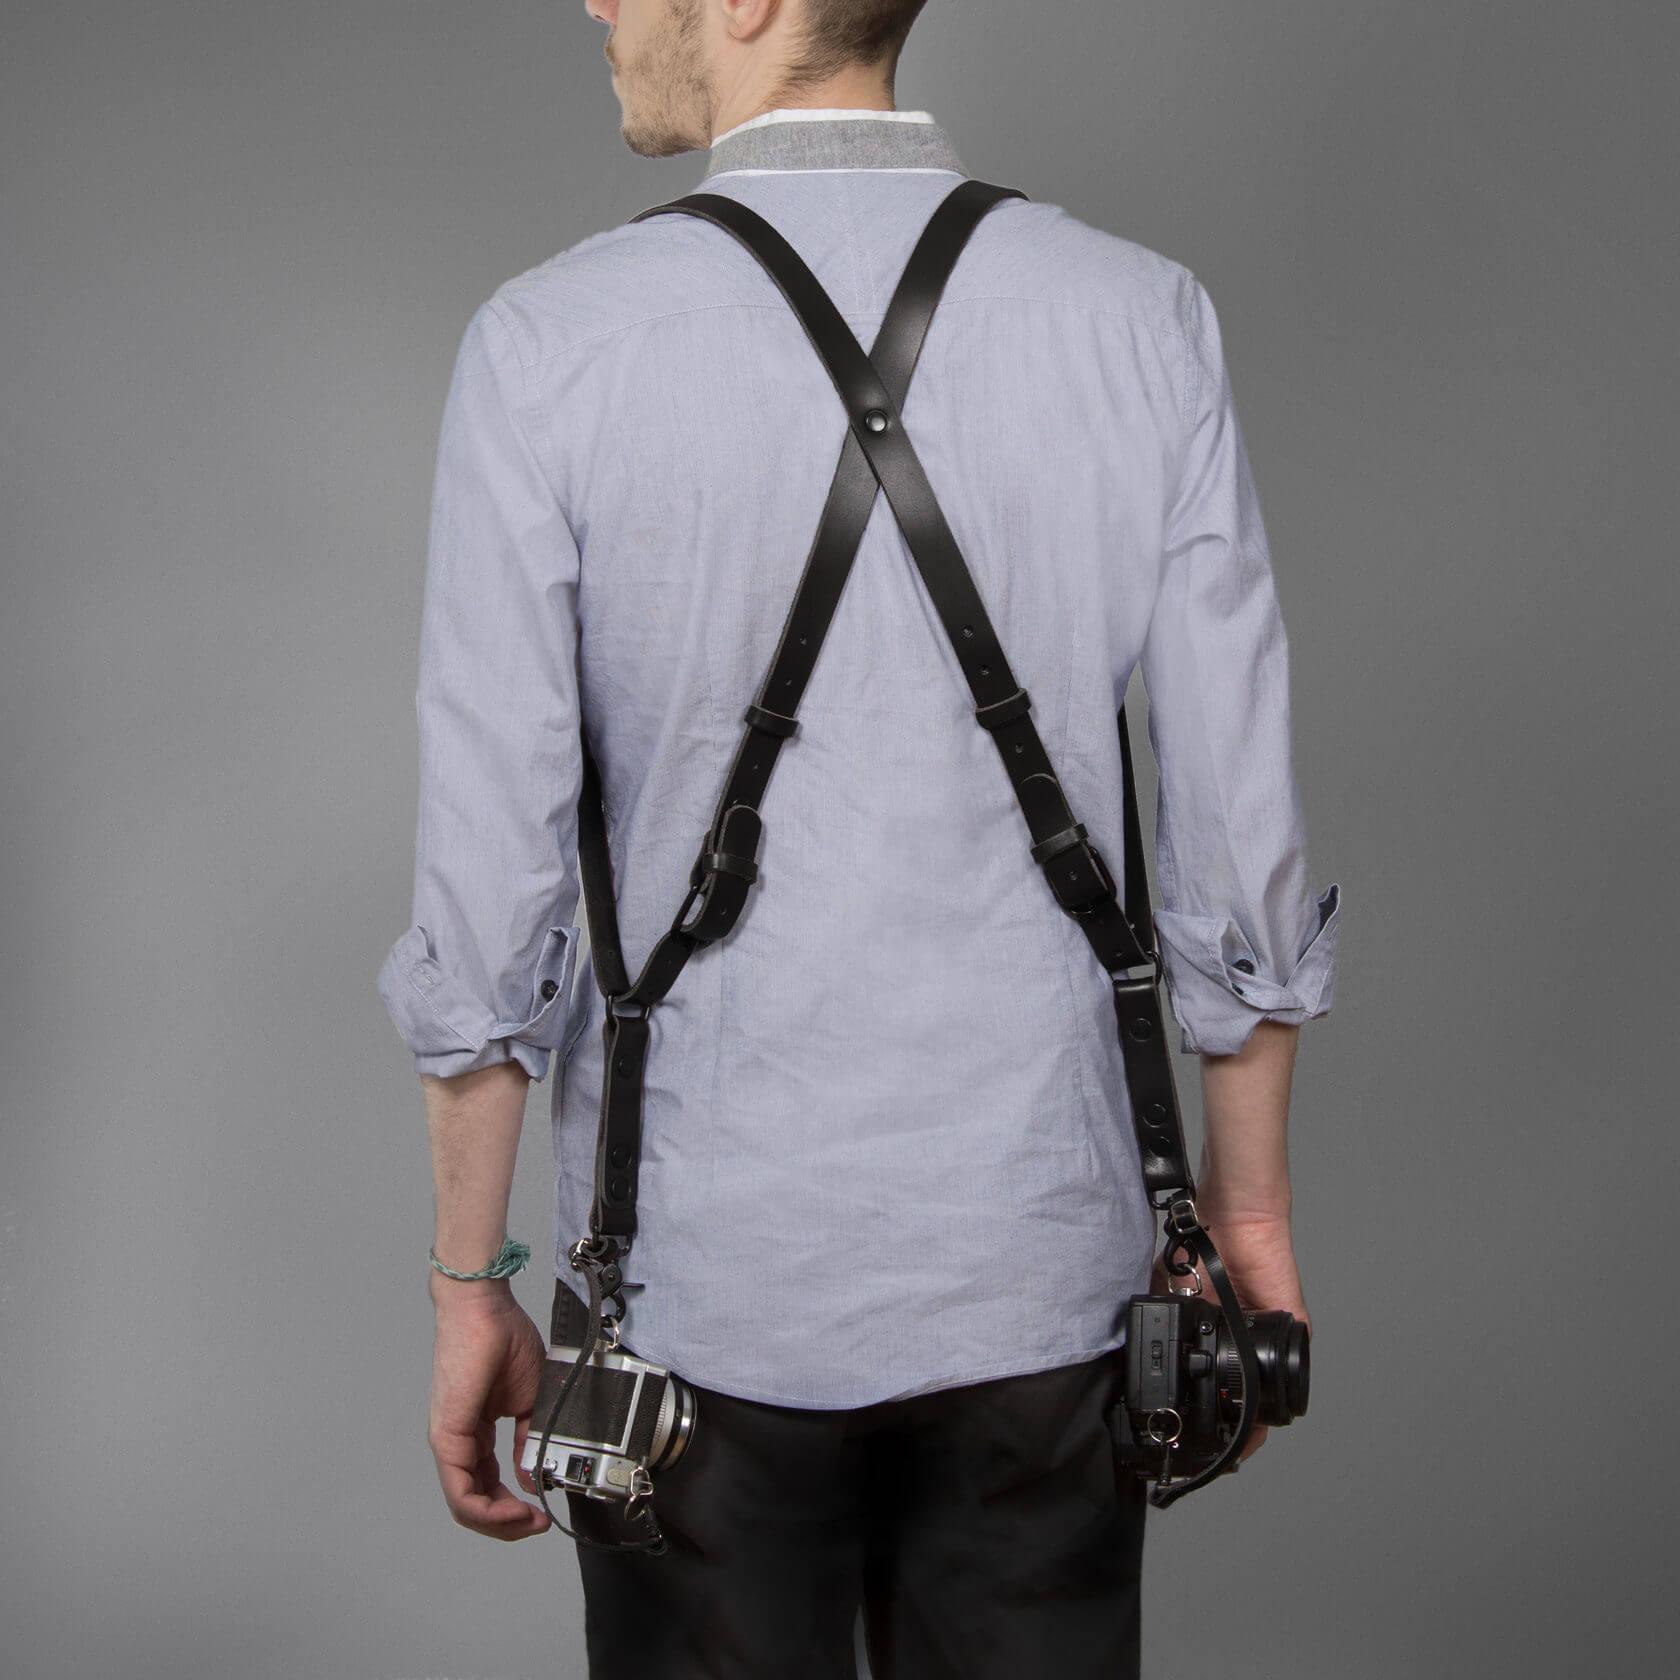 Разгрузка ремень для фотоаппарата что преимущества